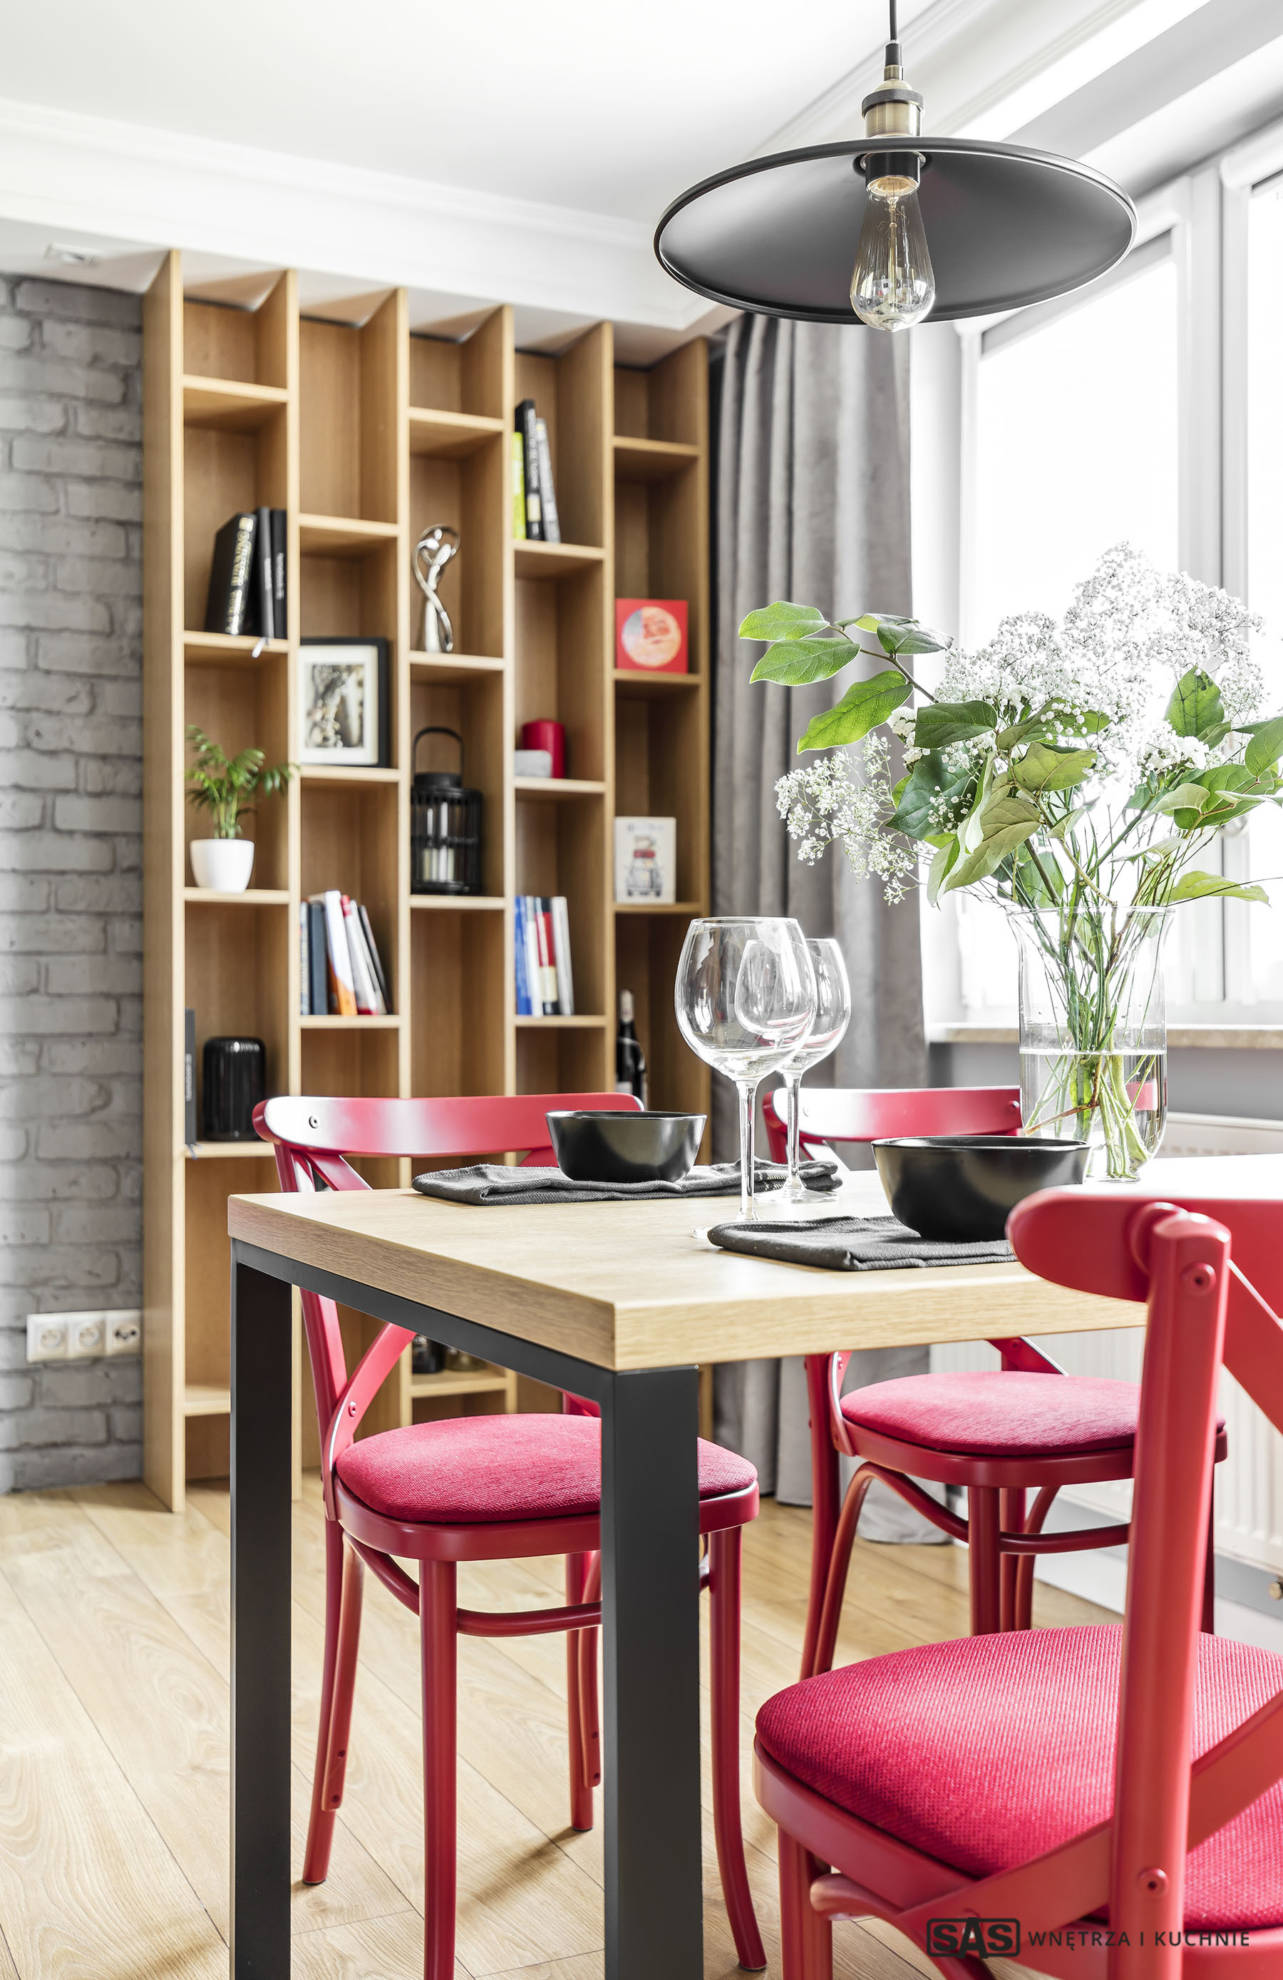 Aranżacja jadalni - meble na wymiar wykonanie SAS Wnętrze i Kuchnie - projekt architekt wnętrz Emilia Strzempek Plasun.